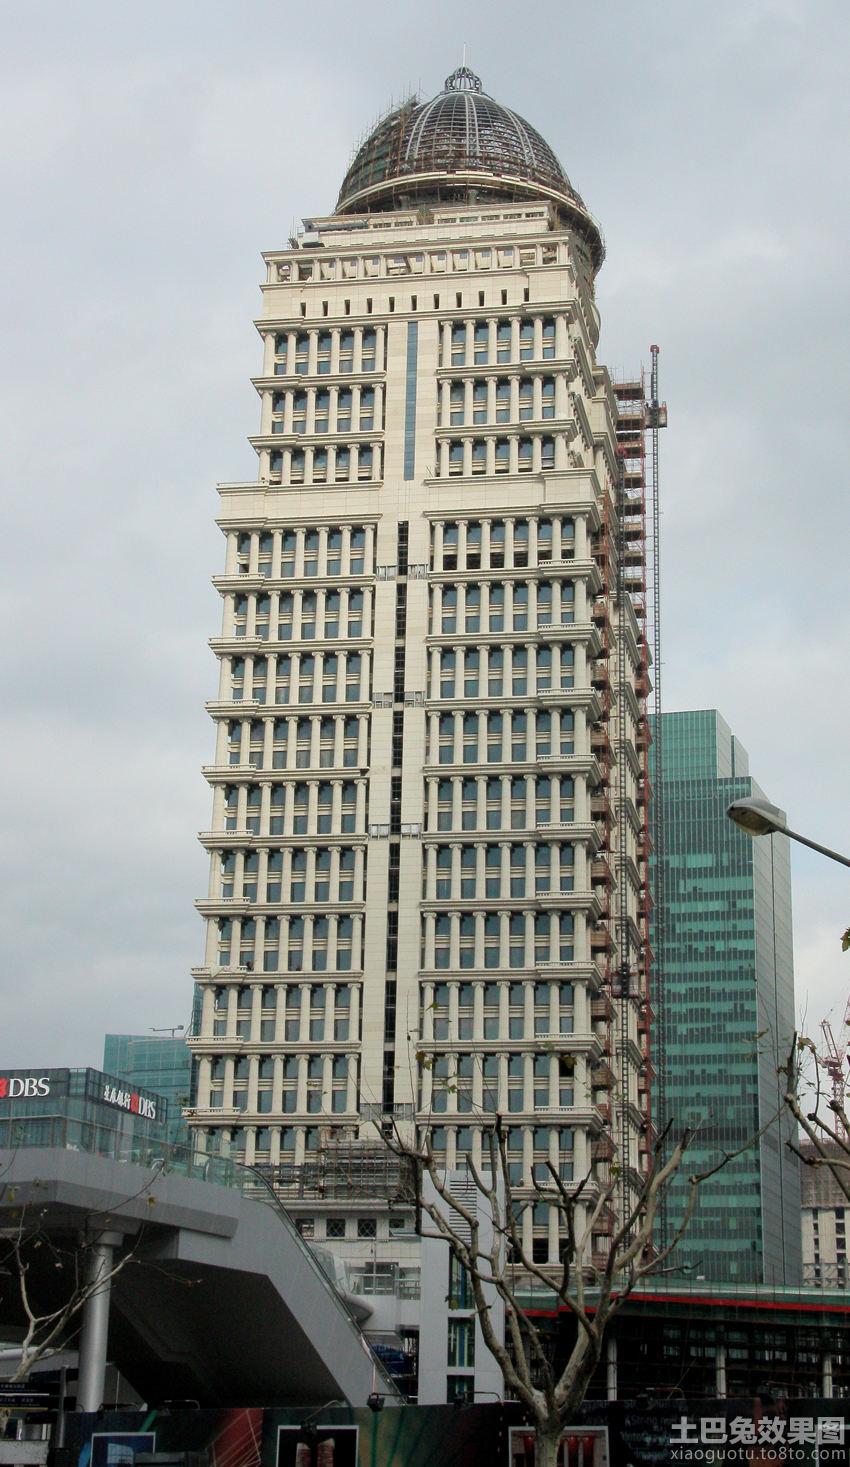 上海平安金融大厦建筑设计图片